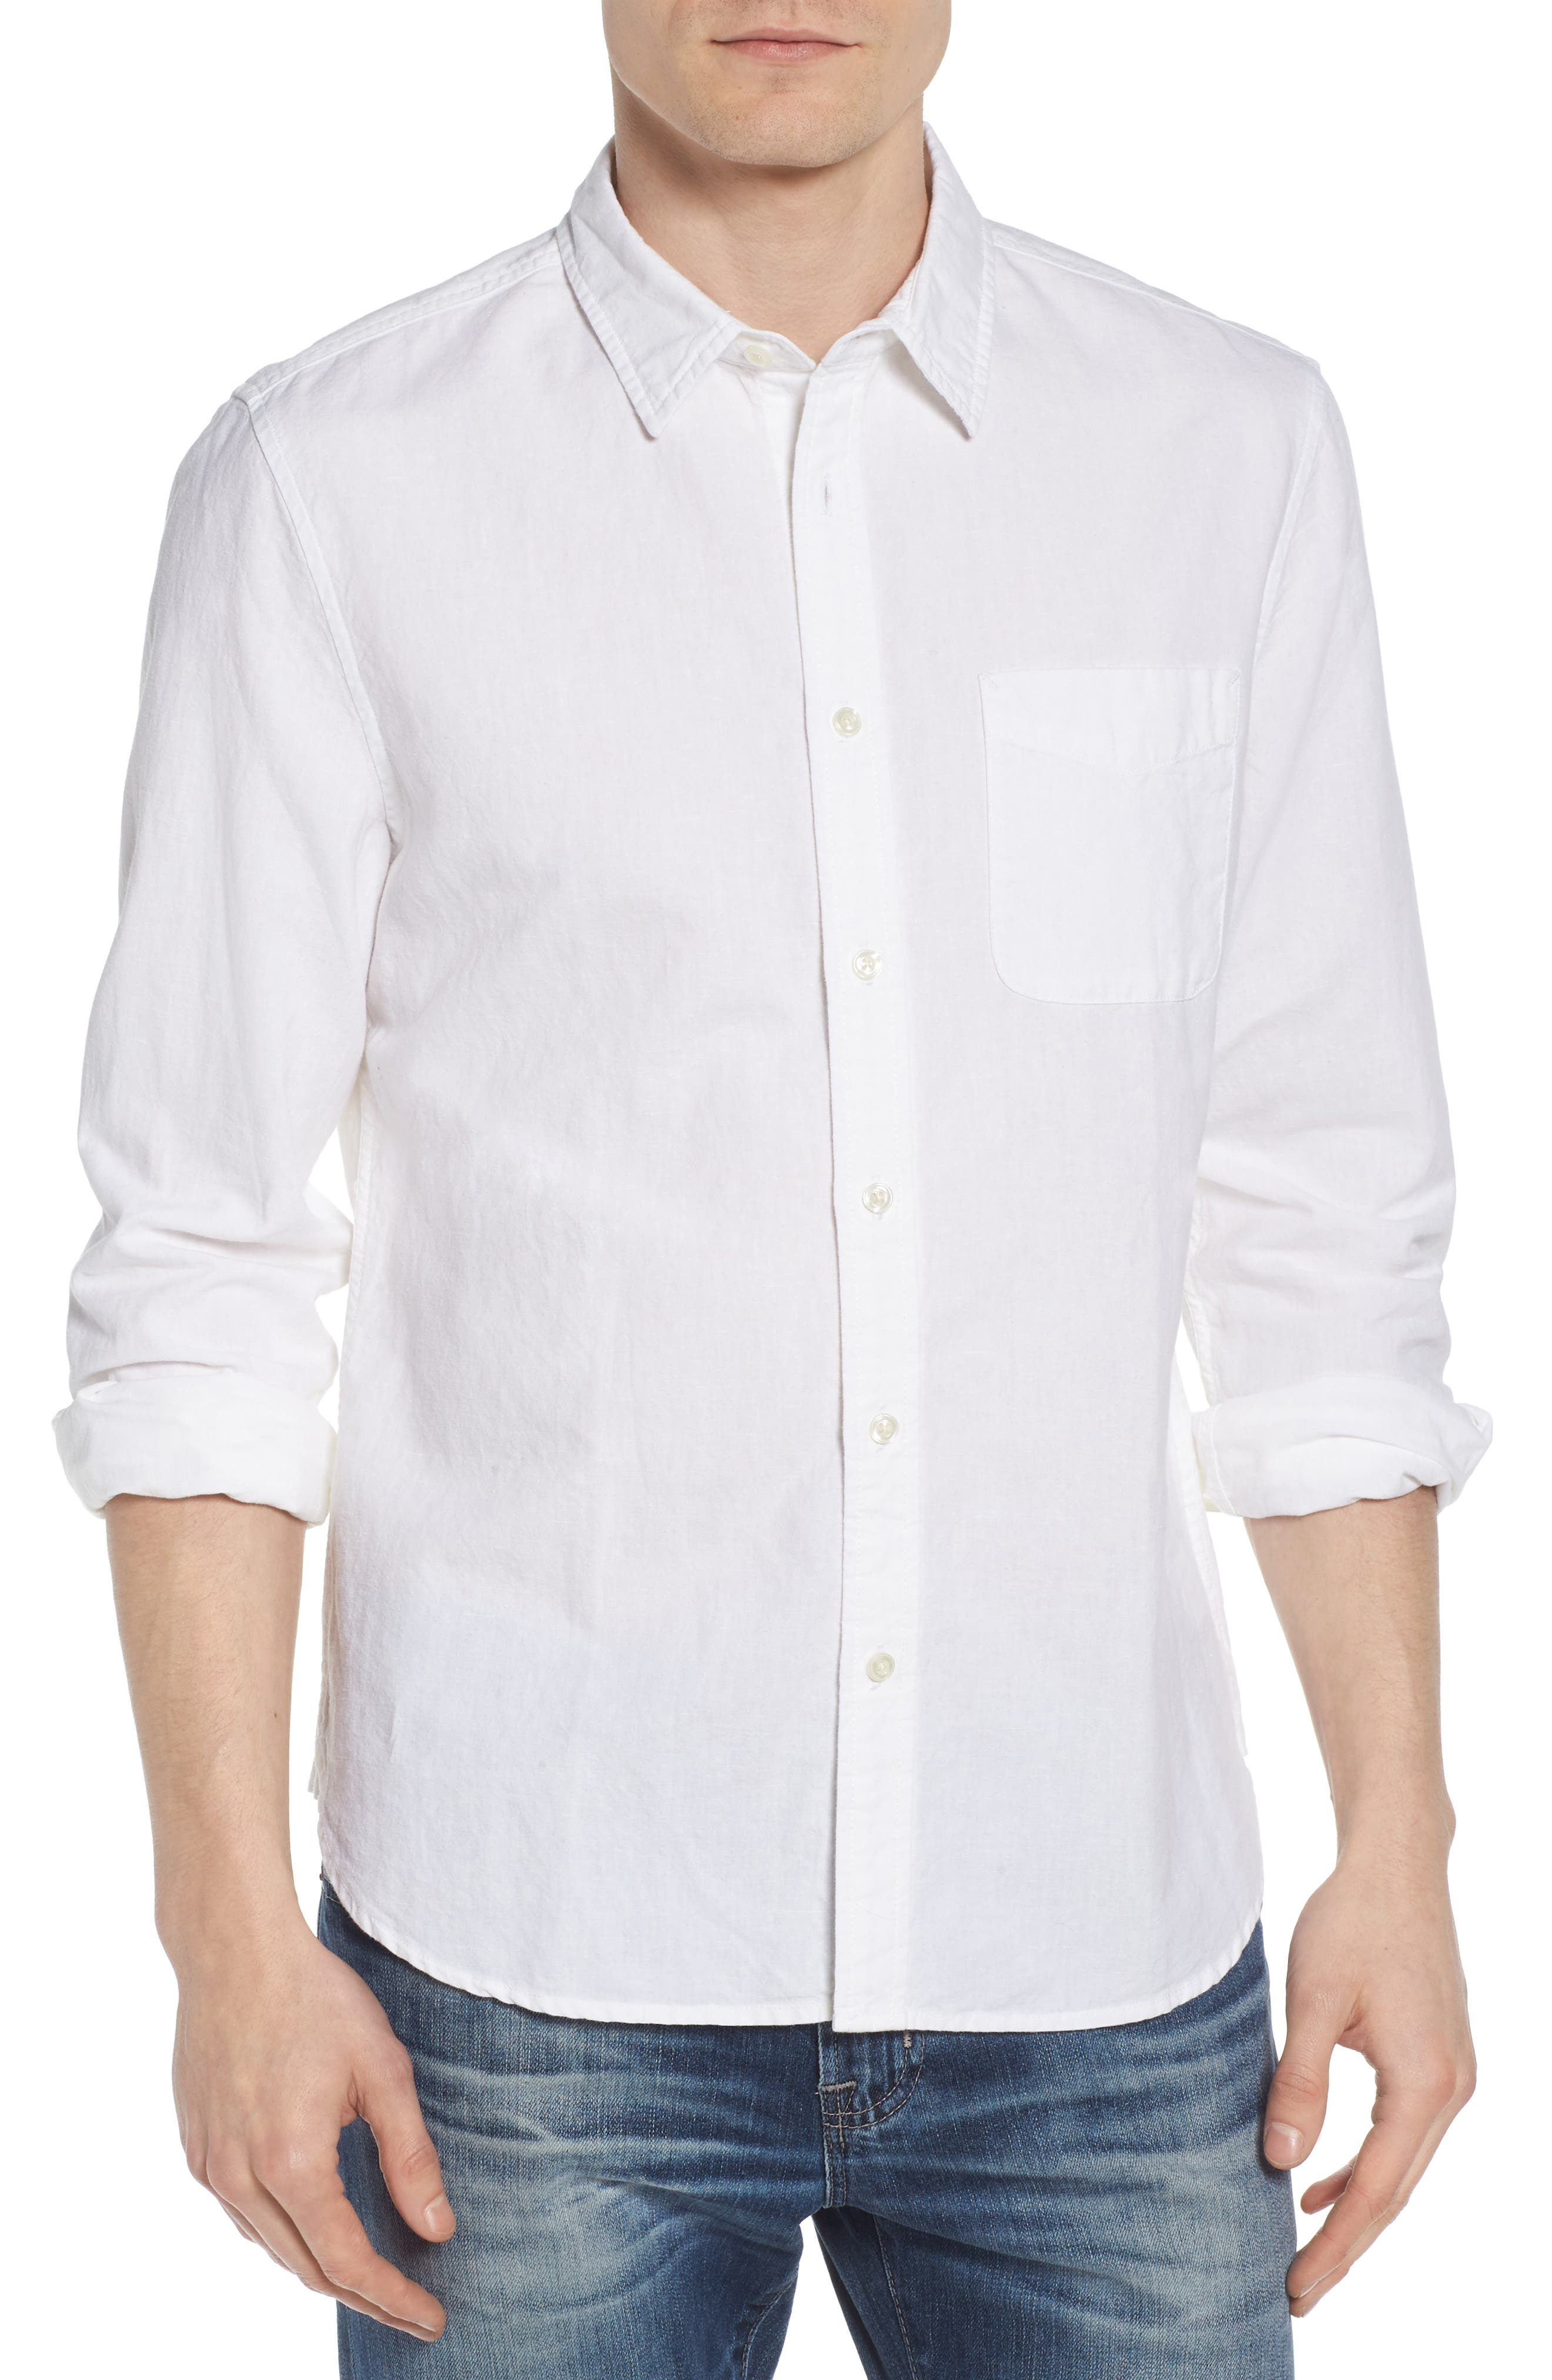 Colton Regular Fit Cotton & Linen Sport Shirt,                         Main,                         color, TRUE WHITE